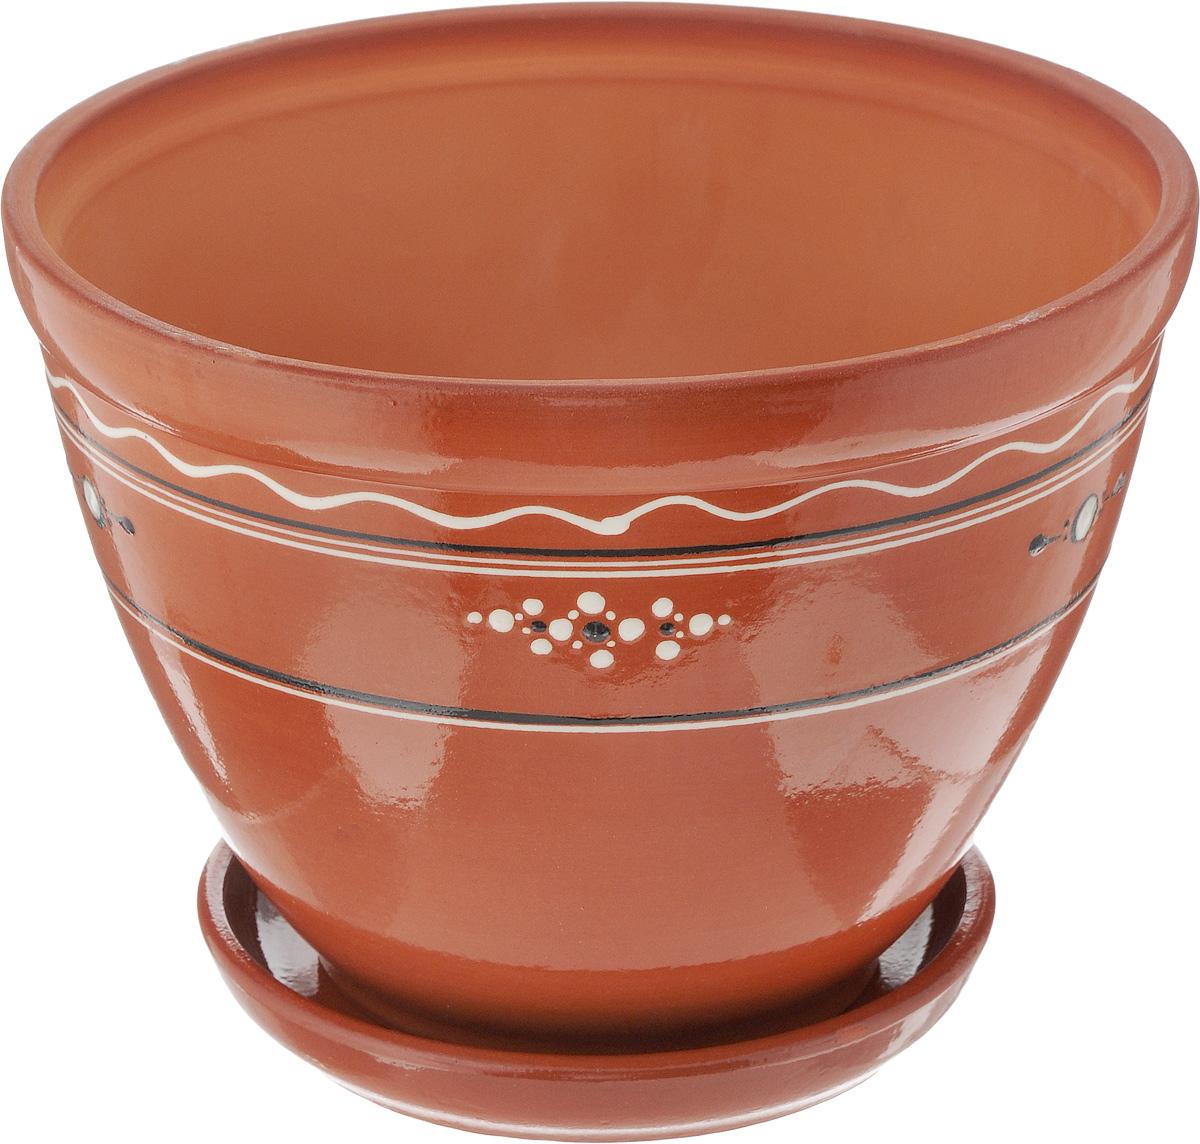 Горшок для цветов Ломоносовская керамика, с поддоном, 1,5 лЛ4820Горшок с поддоном Ломоносовская керамика выполнен из керамики. Внешние стенки изделия покрыты глазурью. Горшок предназначен для выращивания цветов, растений и трав. Он порадует вас функциональностью, а также украсит интерьер помещения. Объем: 1,5 л. Диаметр горшка (по верхнему краю): 18 см. Высота горшка (с учетом поддона): 13 см. Размер поддона: 11,5 х 11,5 х 2 см.